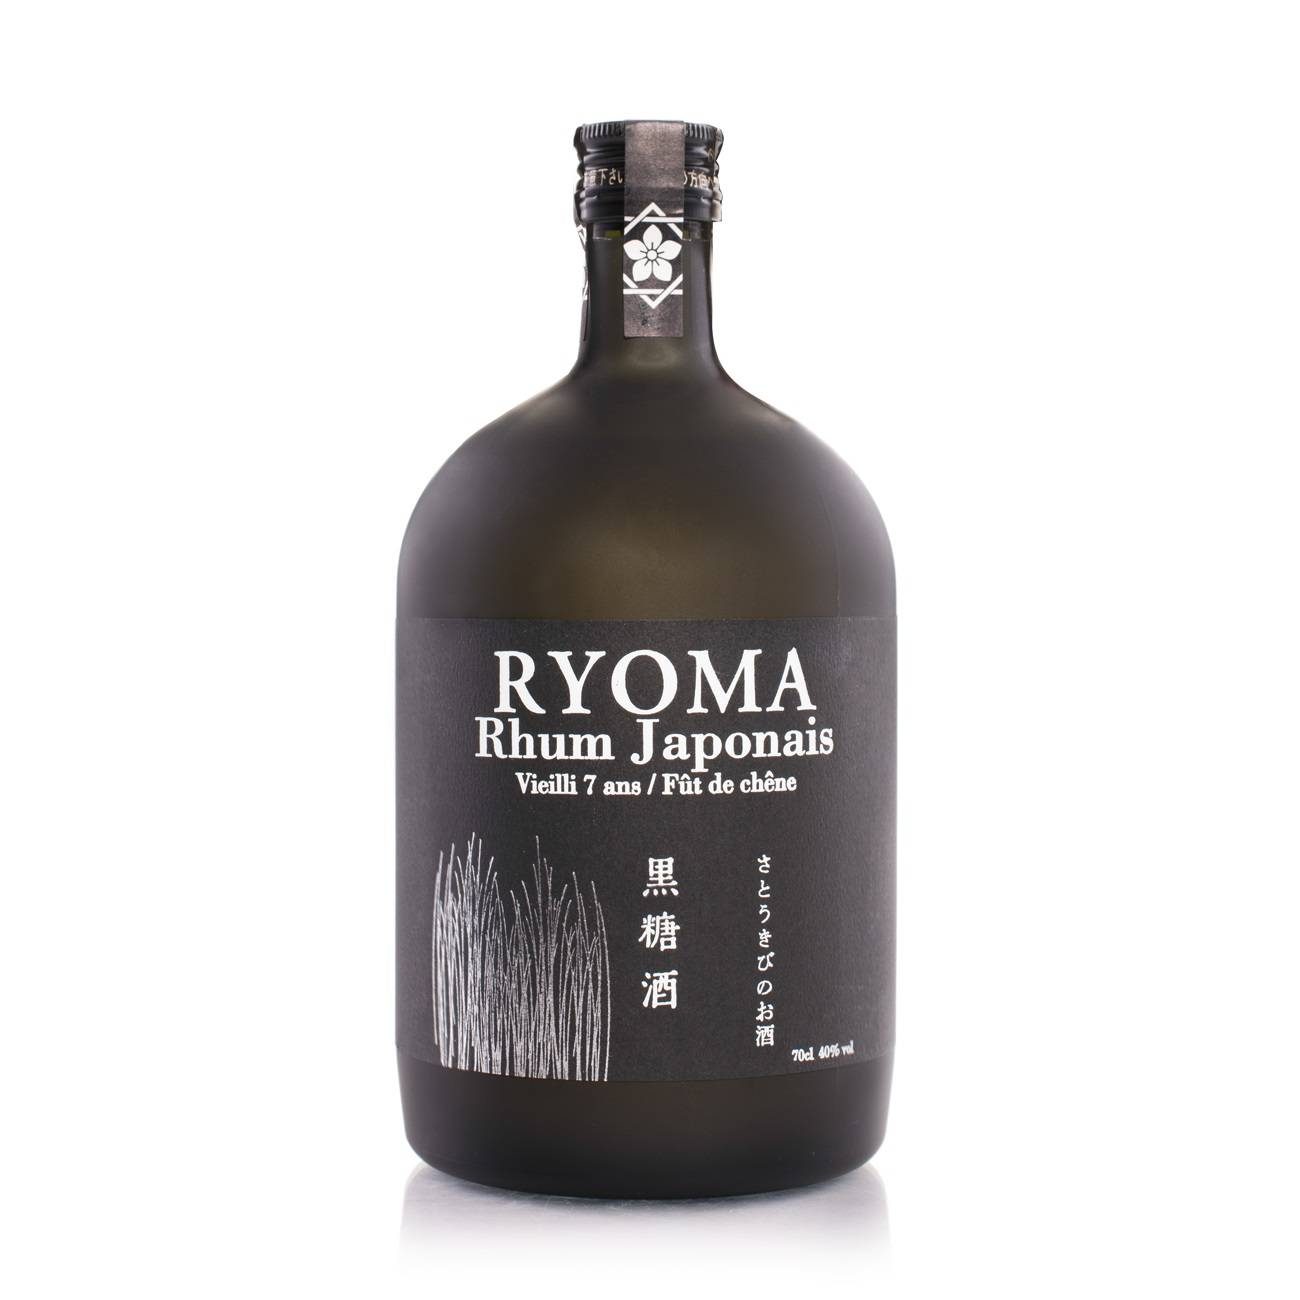 Rom, RUM 7 YO 700 Ml, Ryoma